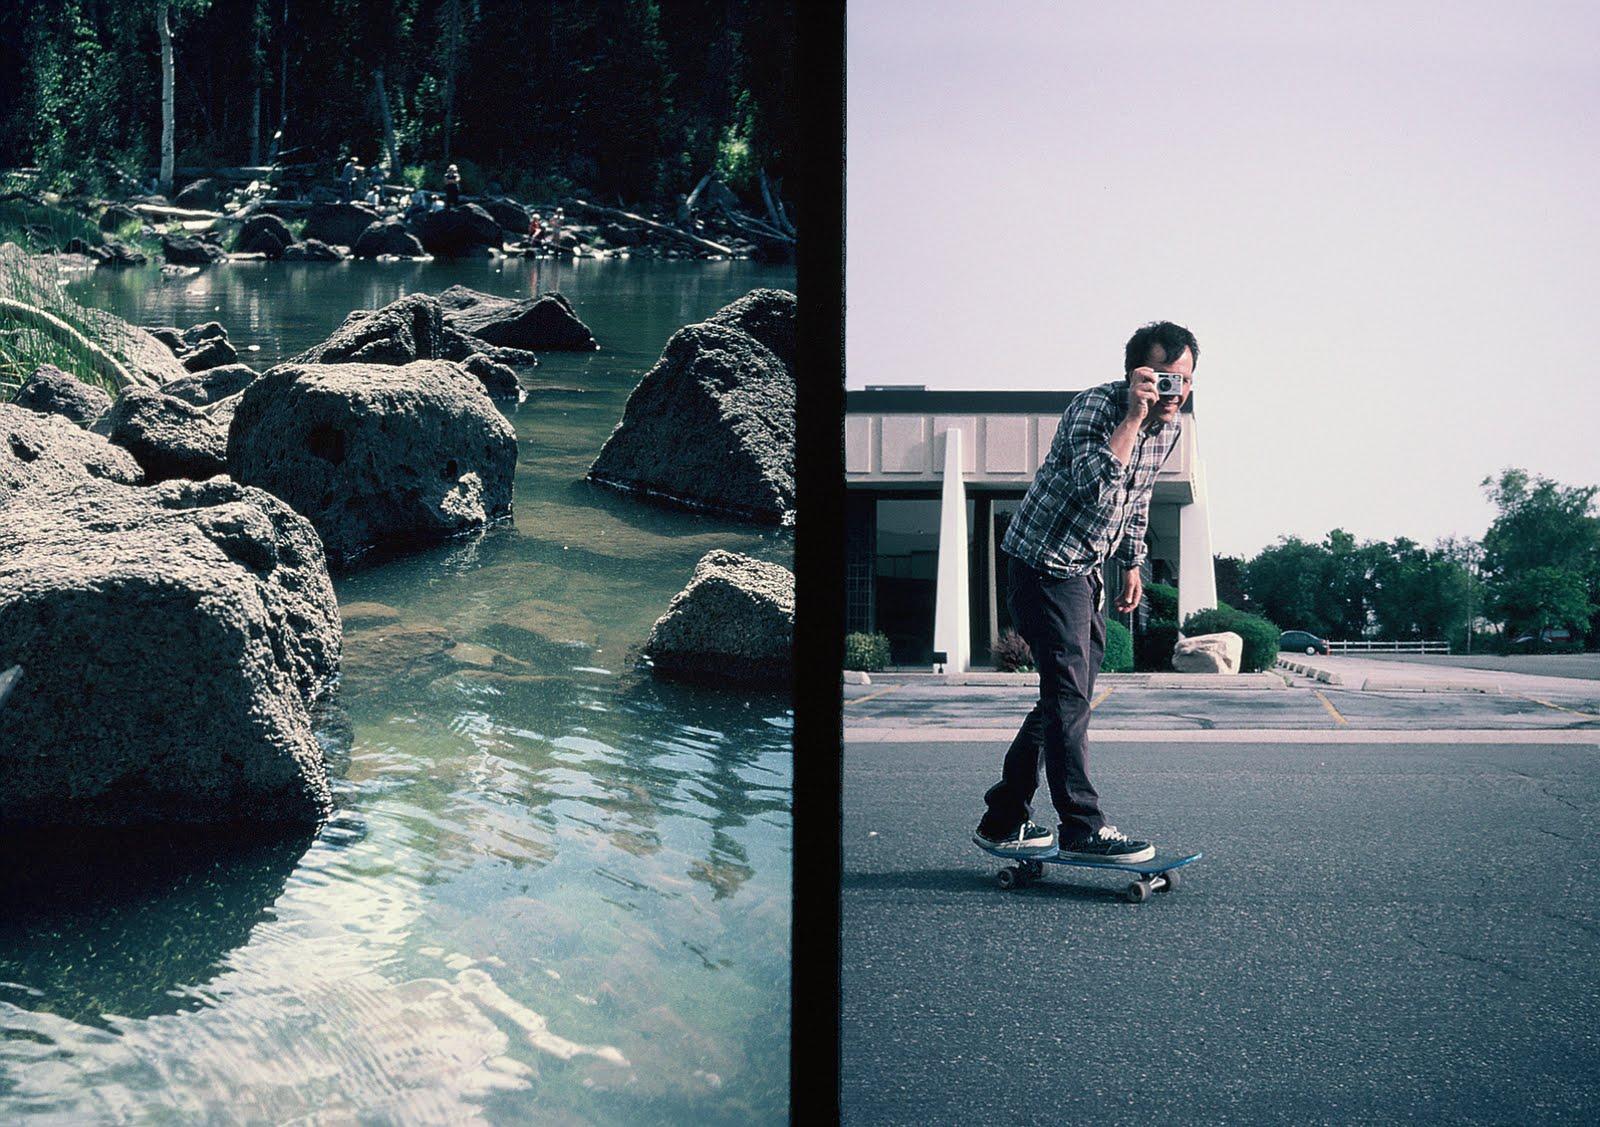 [wcphoto_sam+skate+salina+resevoir+half+frame]